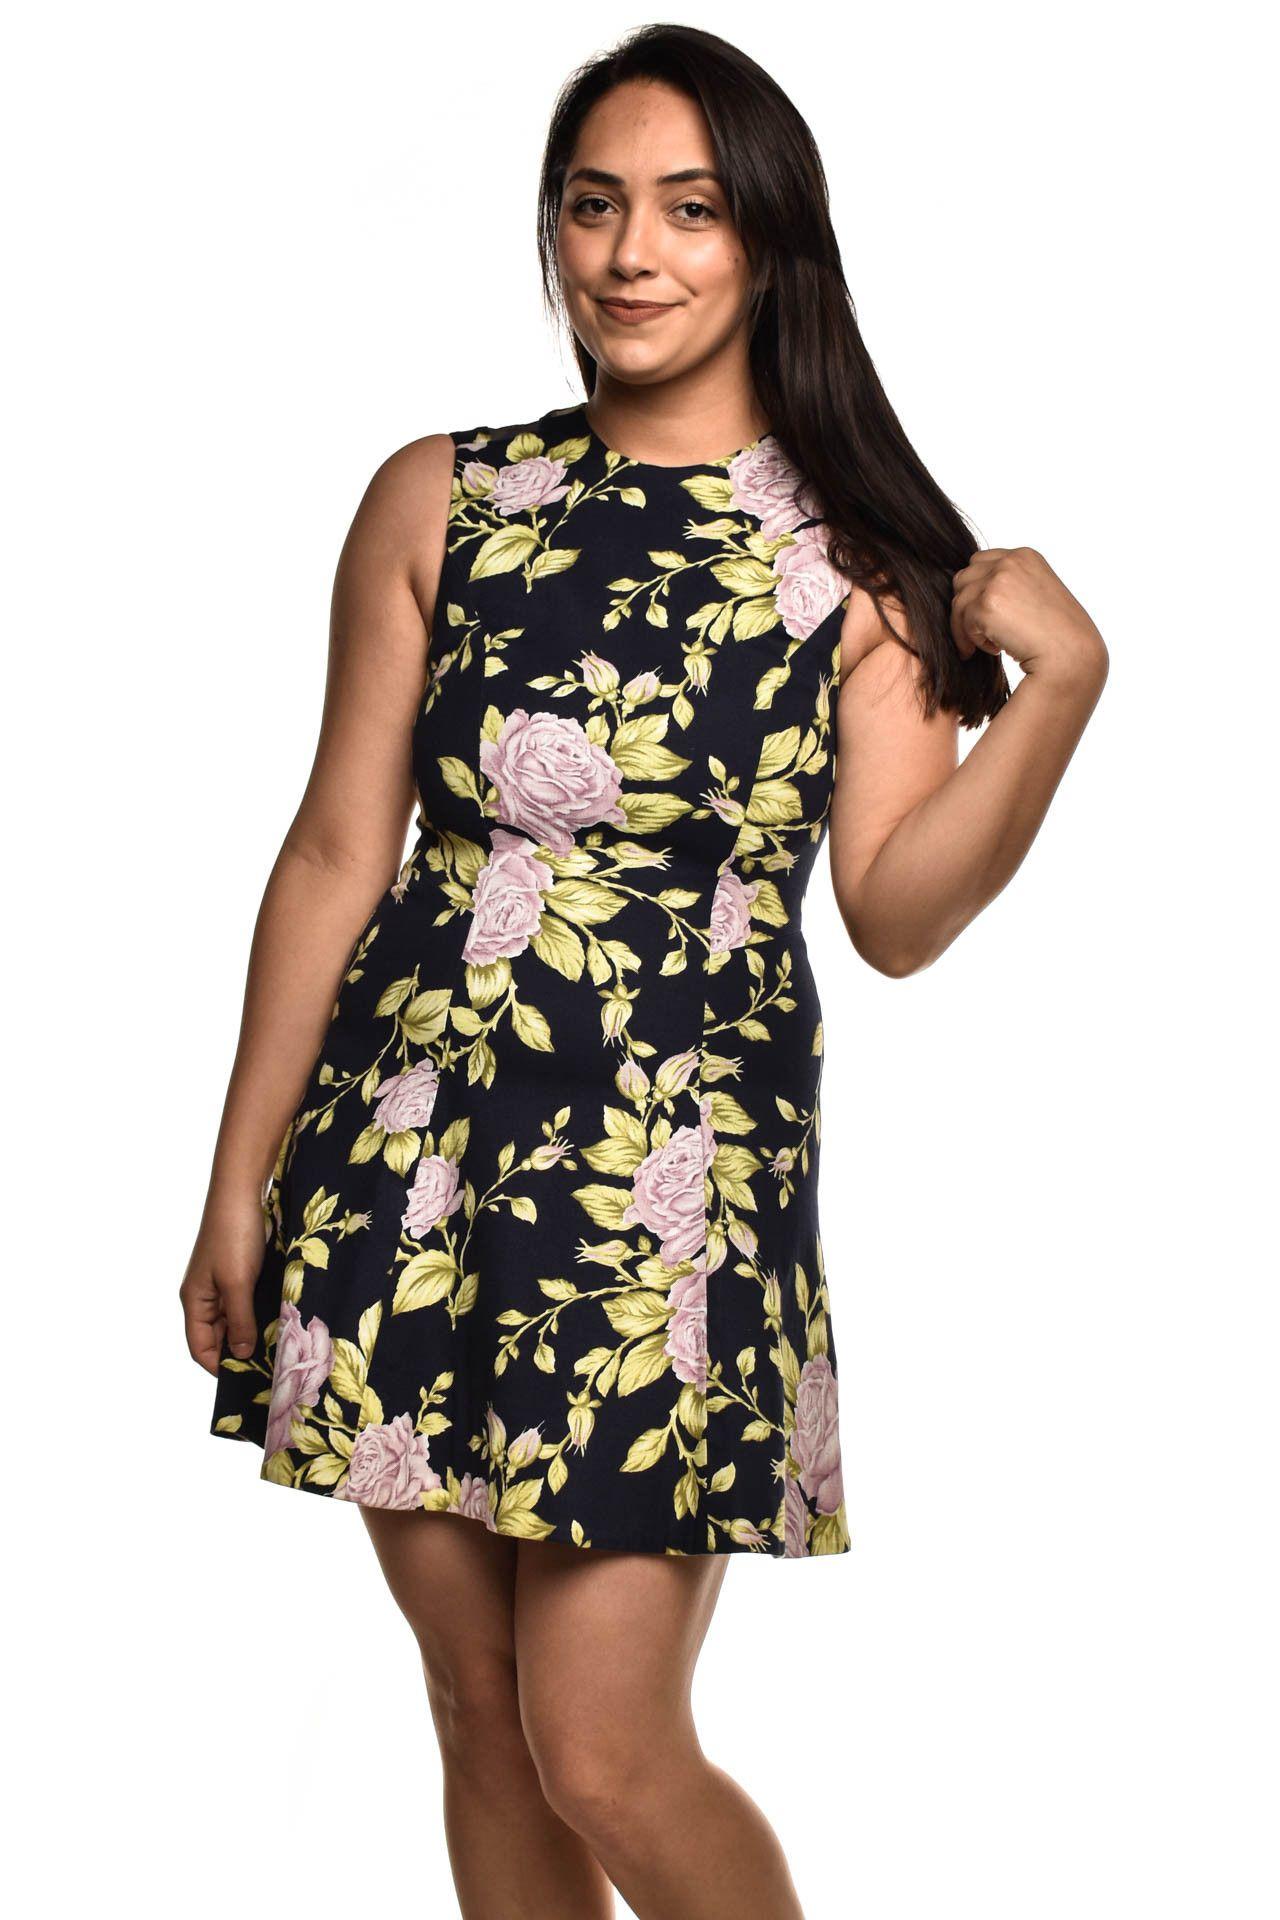 Rag & Bone - Vestido Estampa Floral - Foto 1